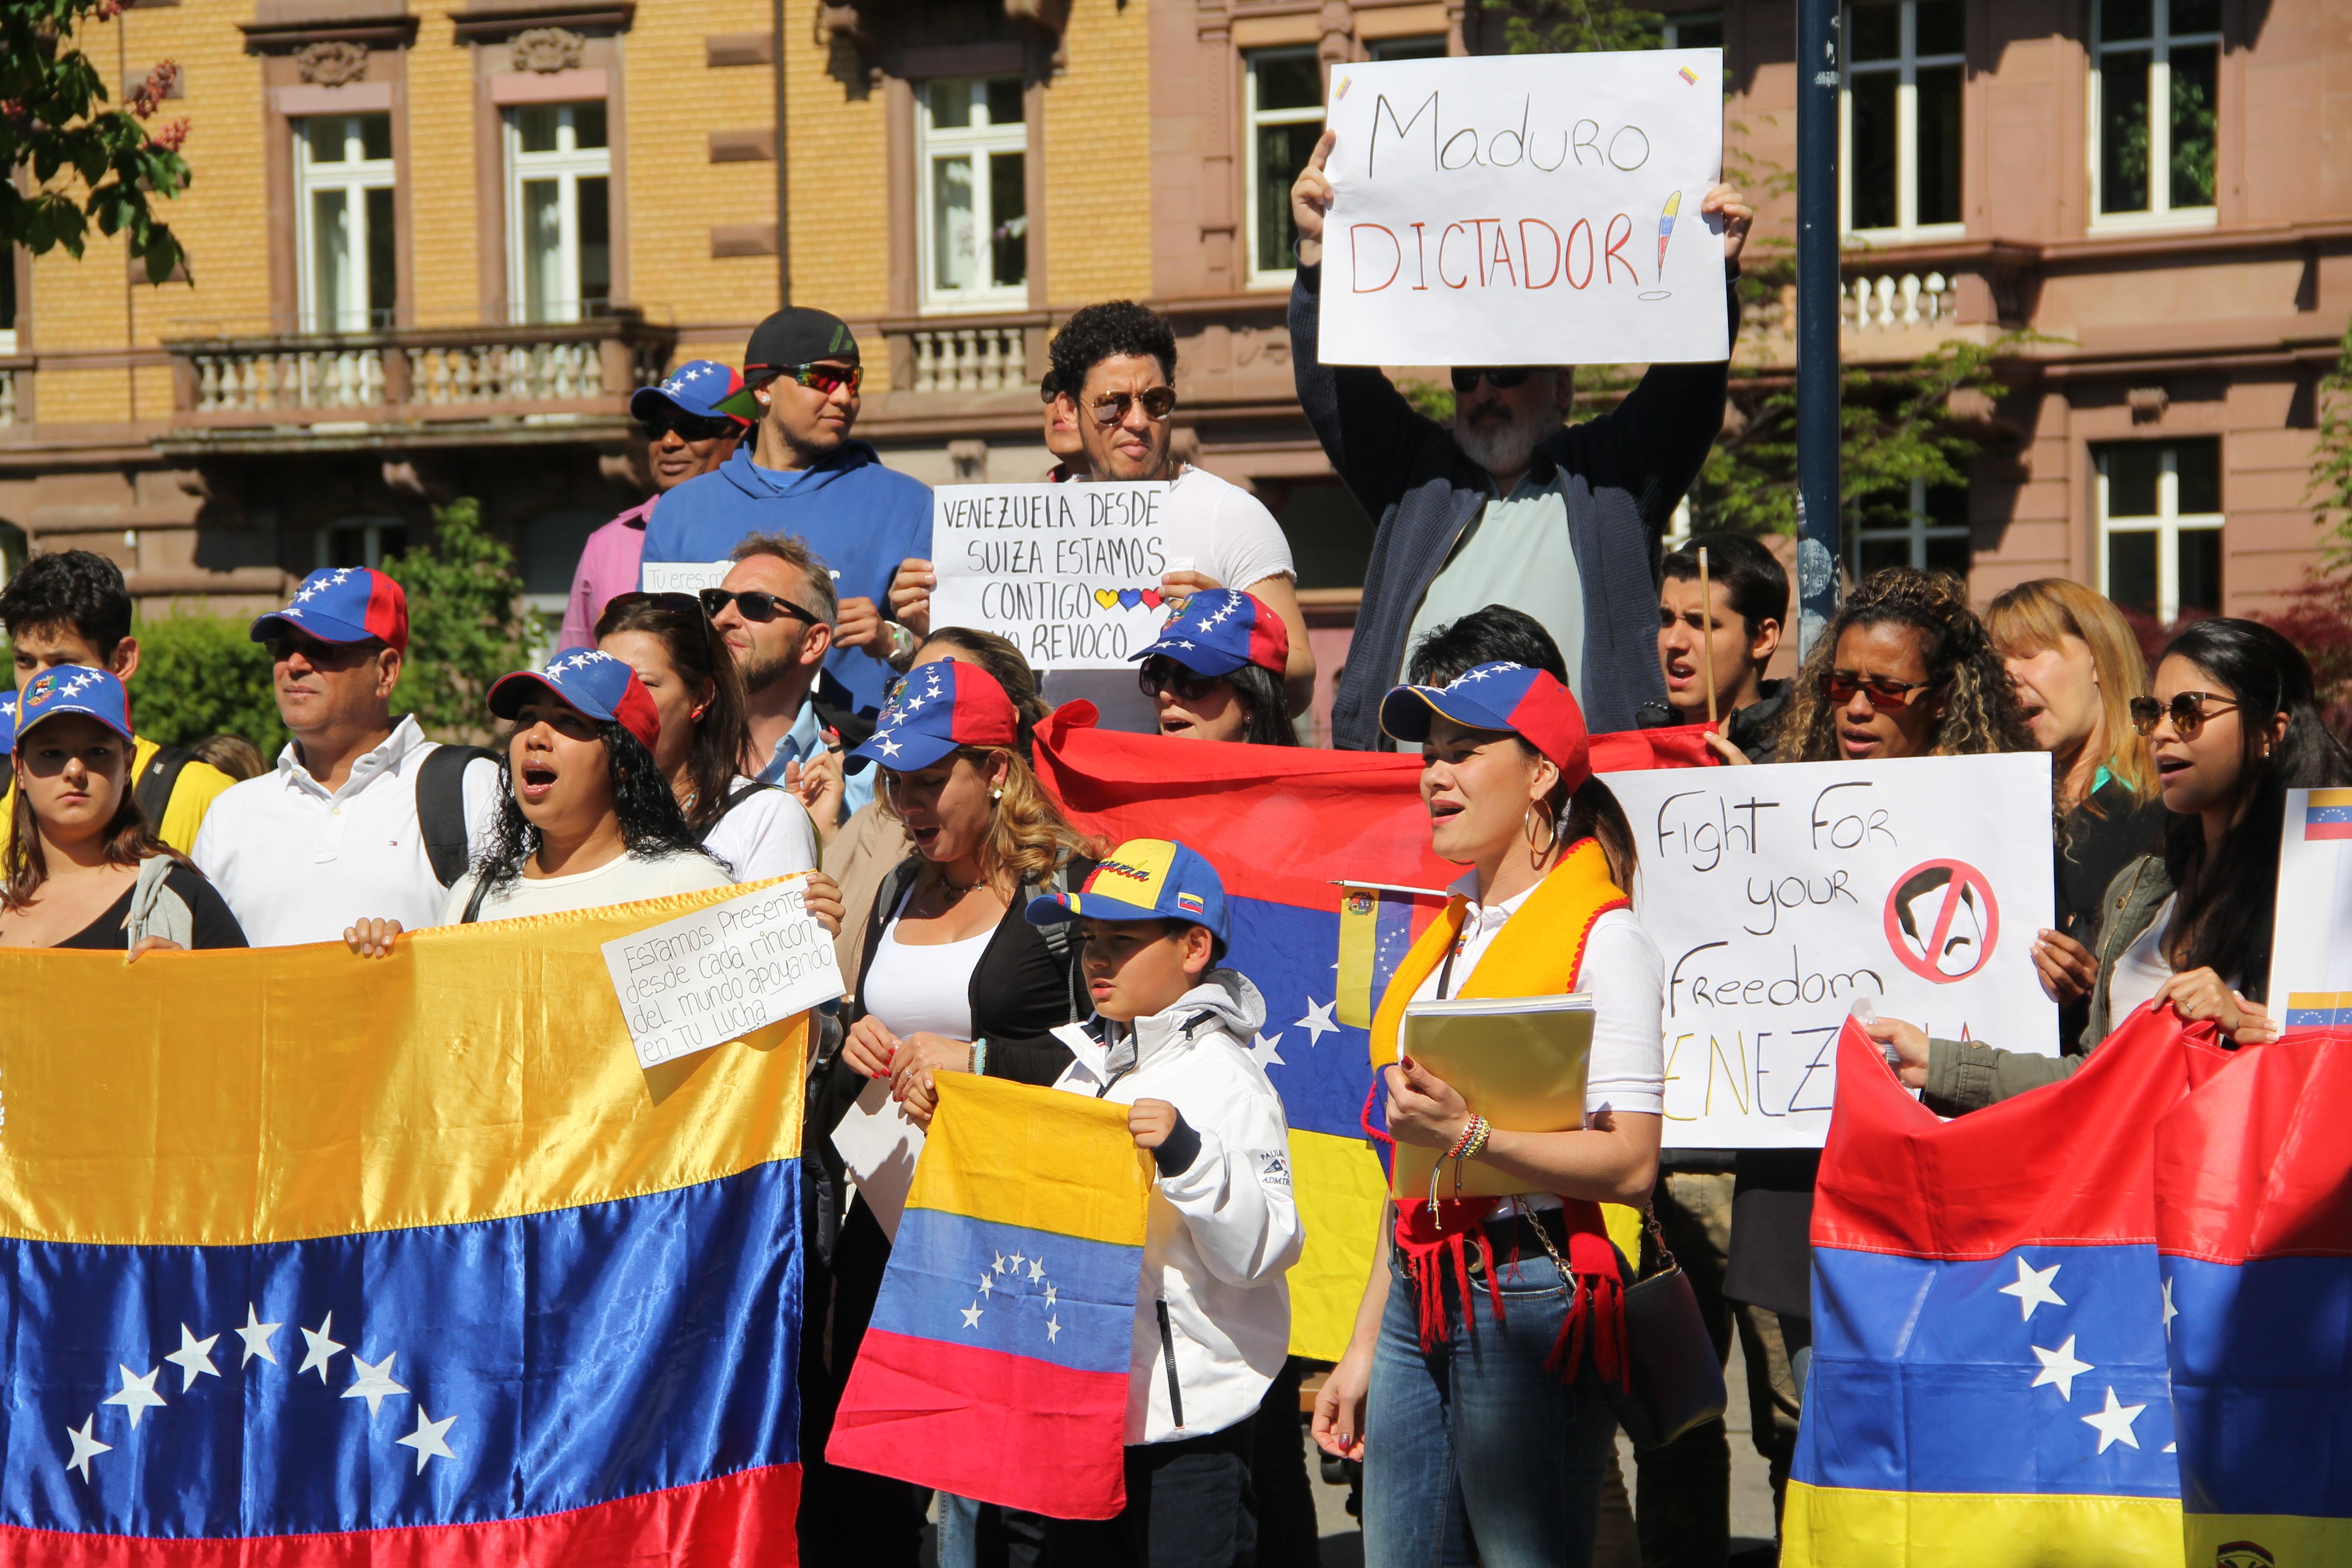 Für den Frieden, gegen Maduro. Die Demonstranten solidarisieren sich mit den Protesten in Venezuela.